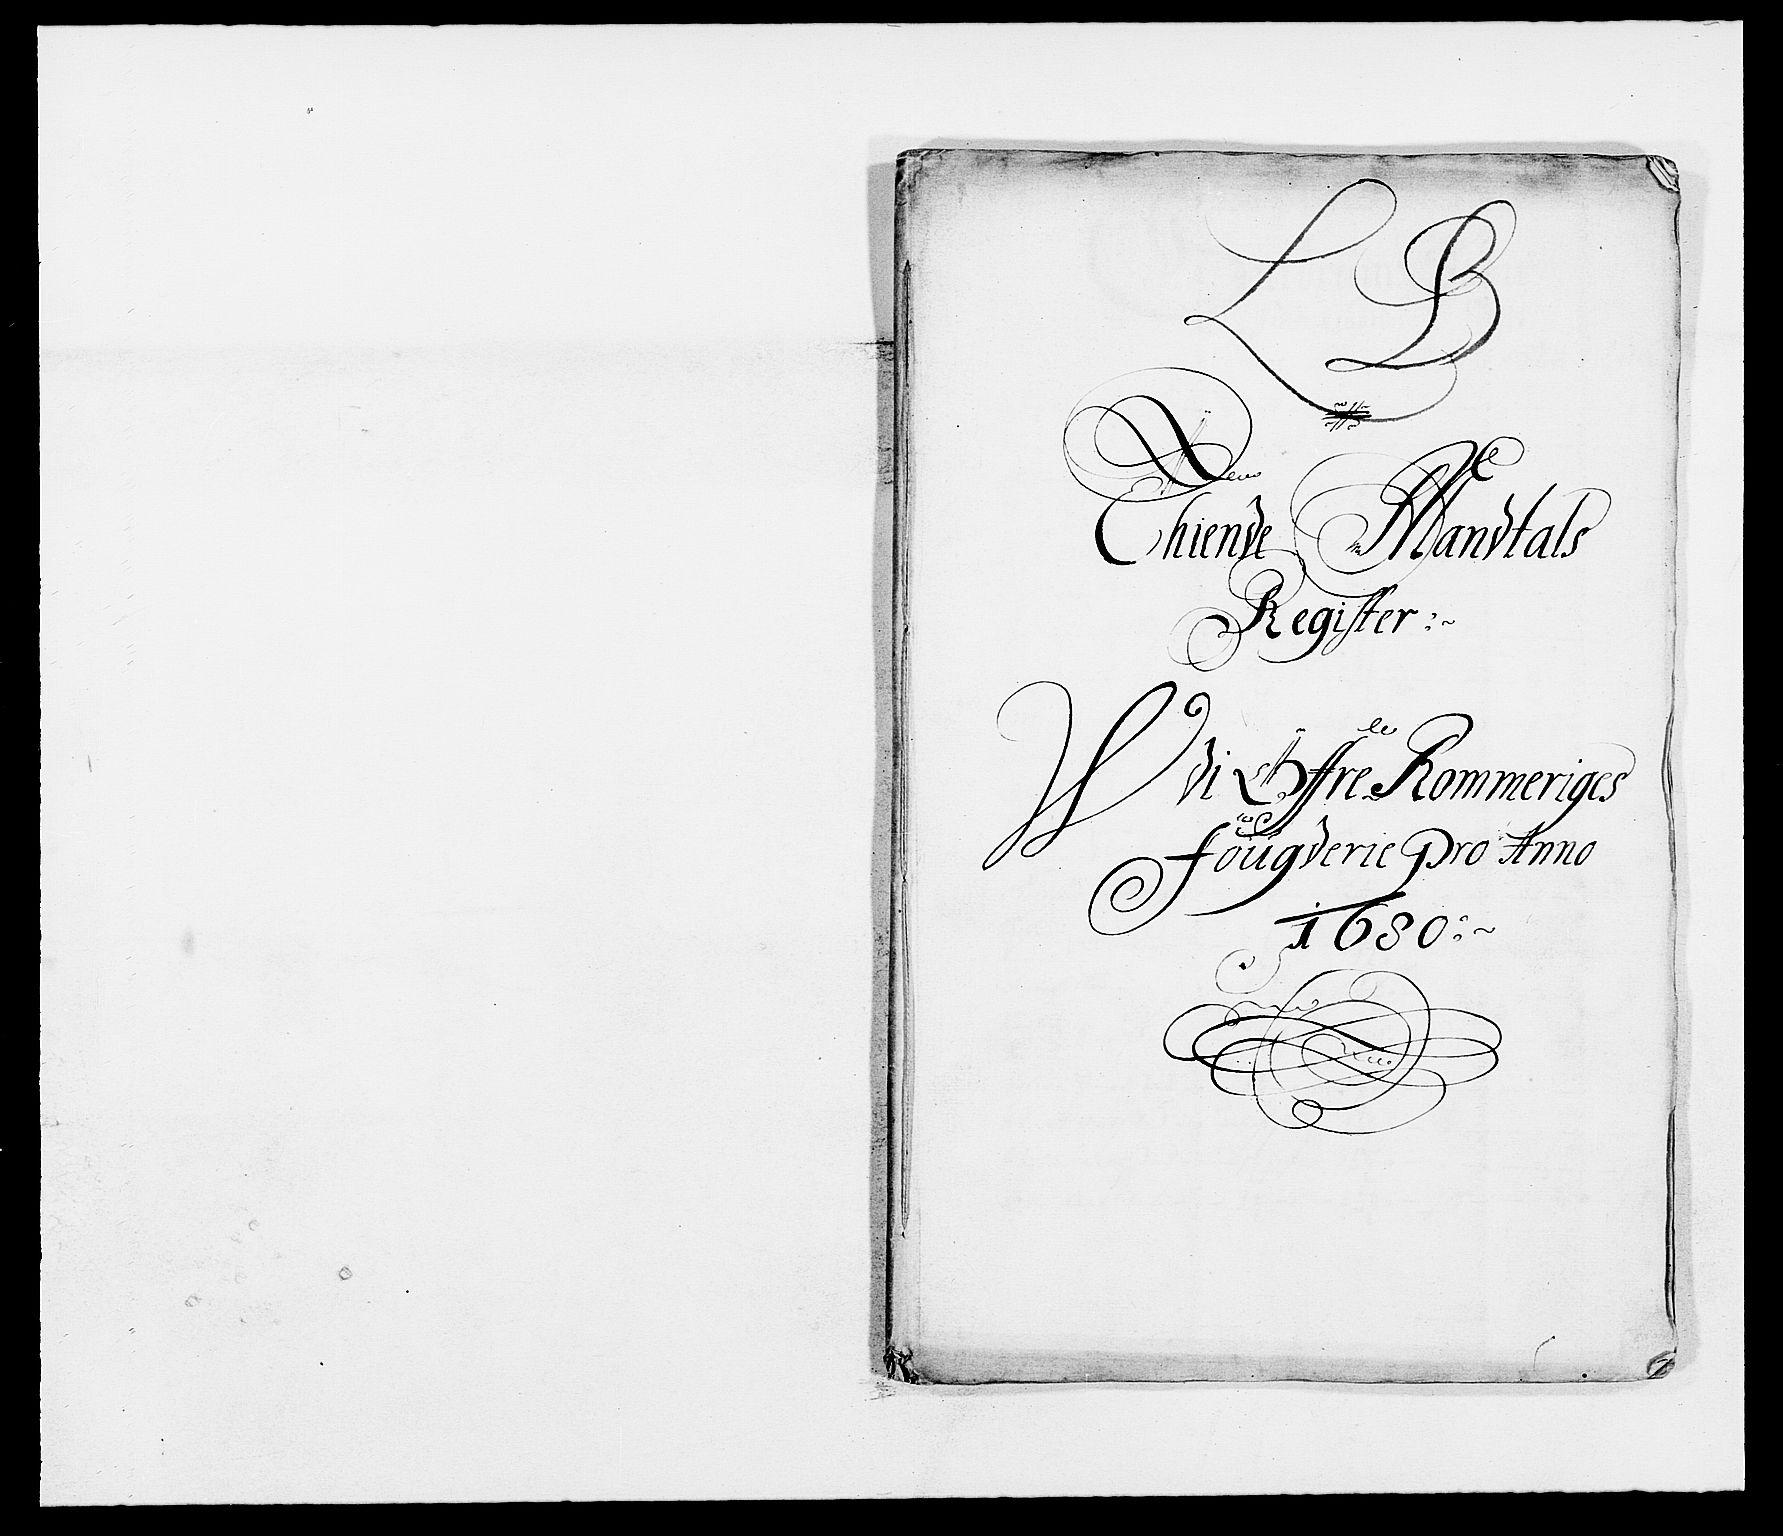 RA, Rentekammeret inntil 1814, Reviderte regnskaper, Fogderegnskap, R12/L0695: Fogderegnskap Øvre Romerike, 1680, s. 107